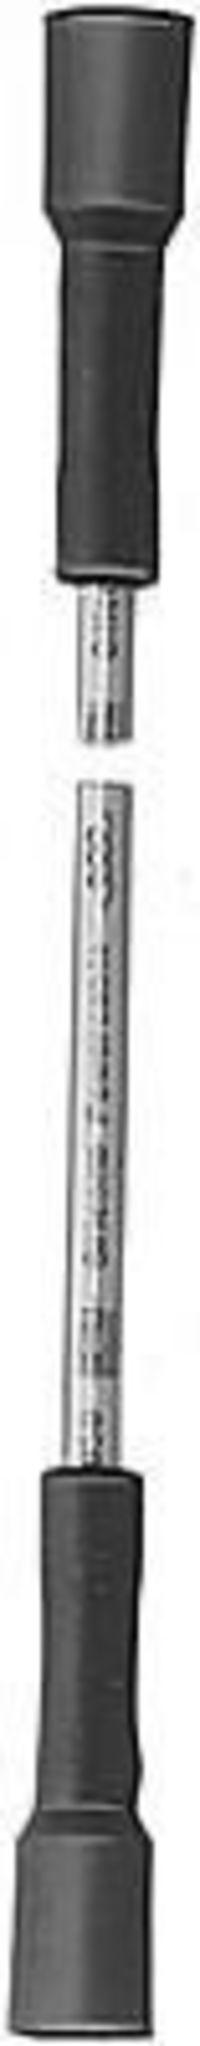 Провод зажигания BERU R25